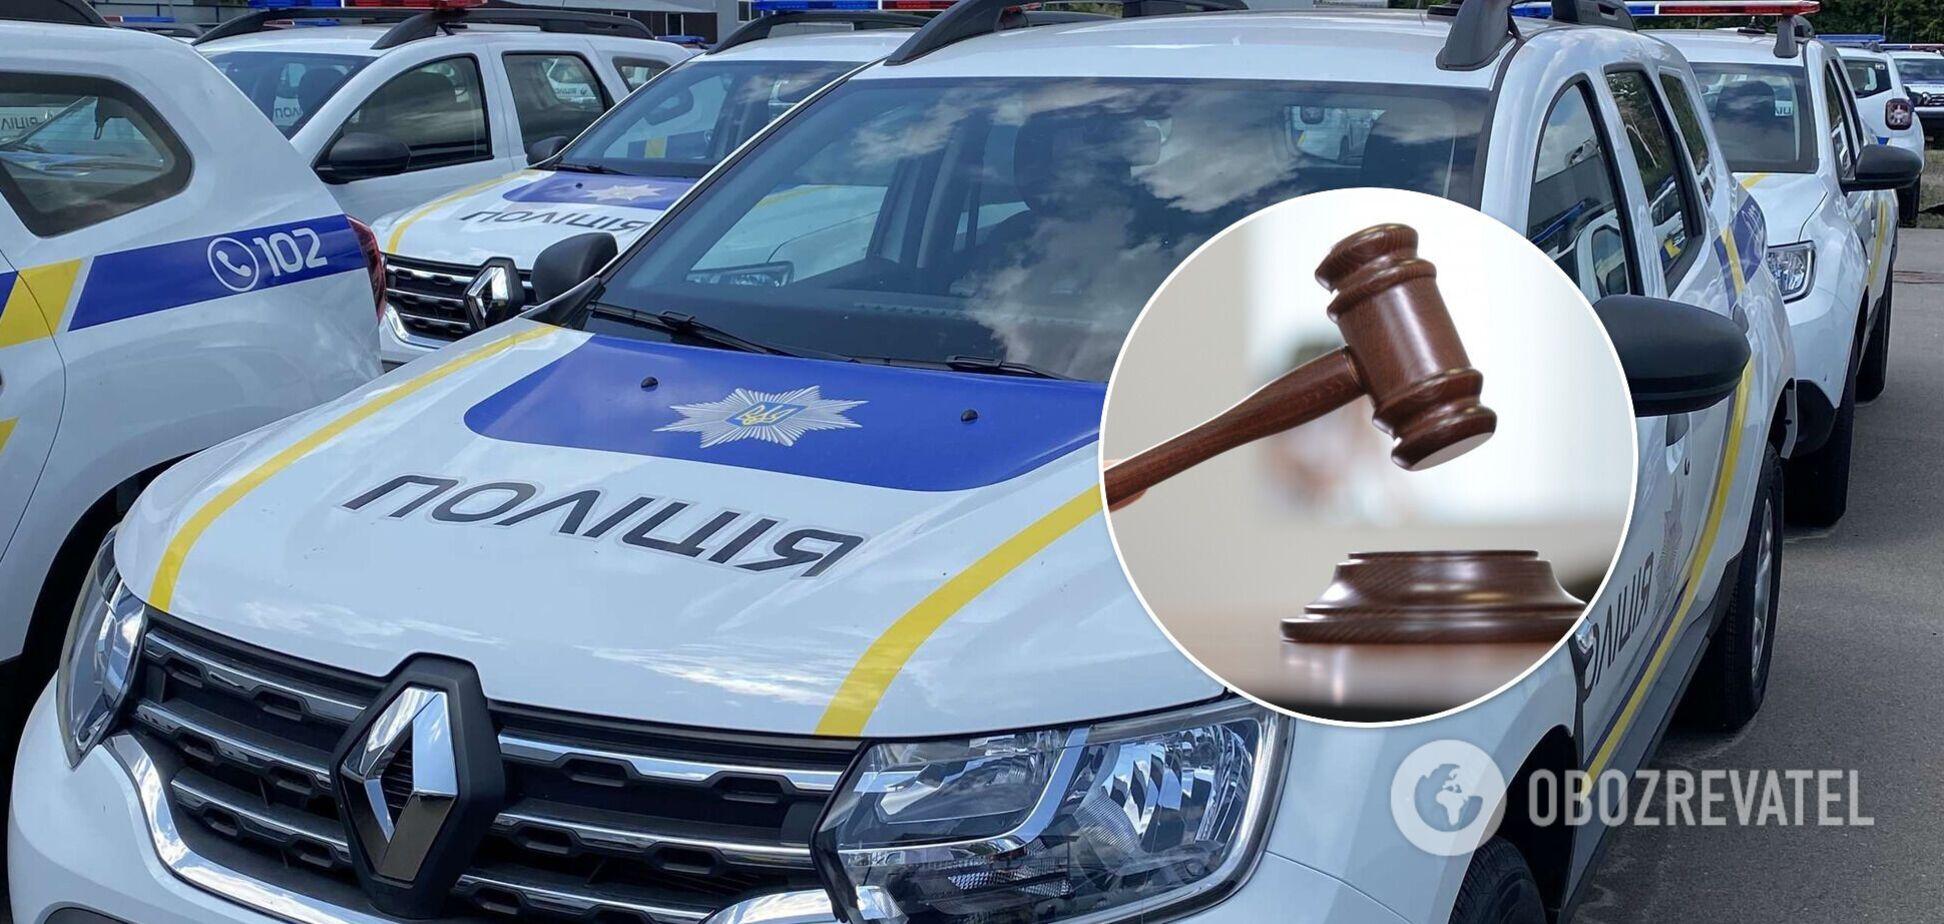 У Львові лікар розбив чотири поліцейських авто і помочився під відділенням: його оштрафували